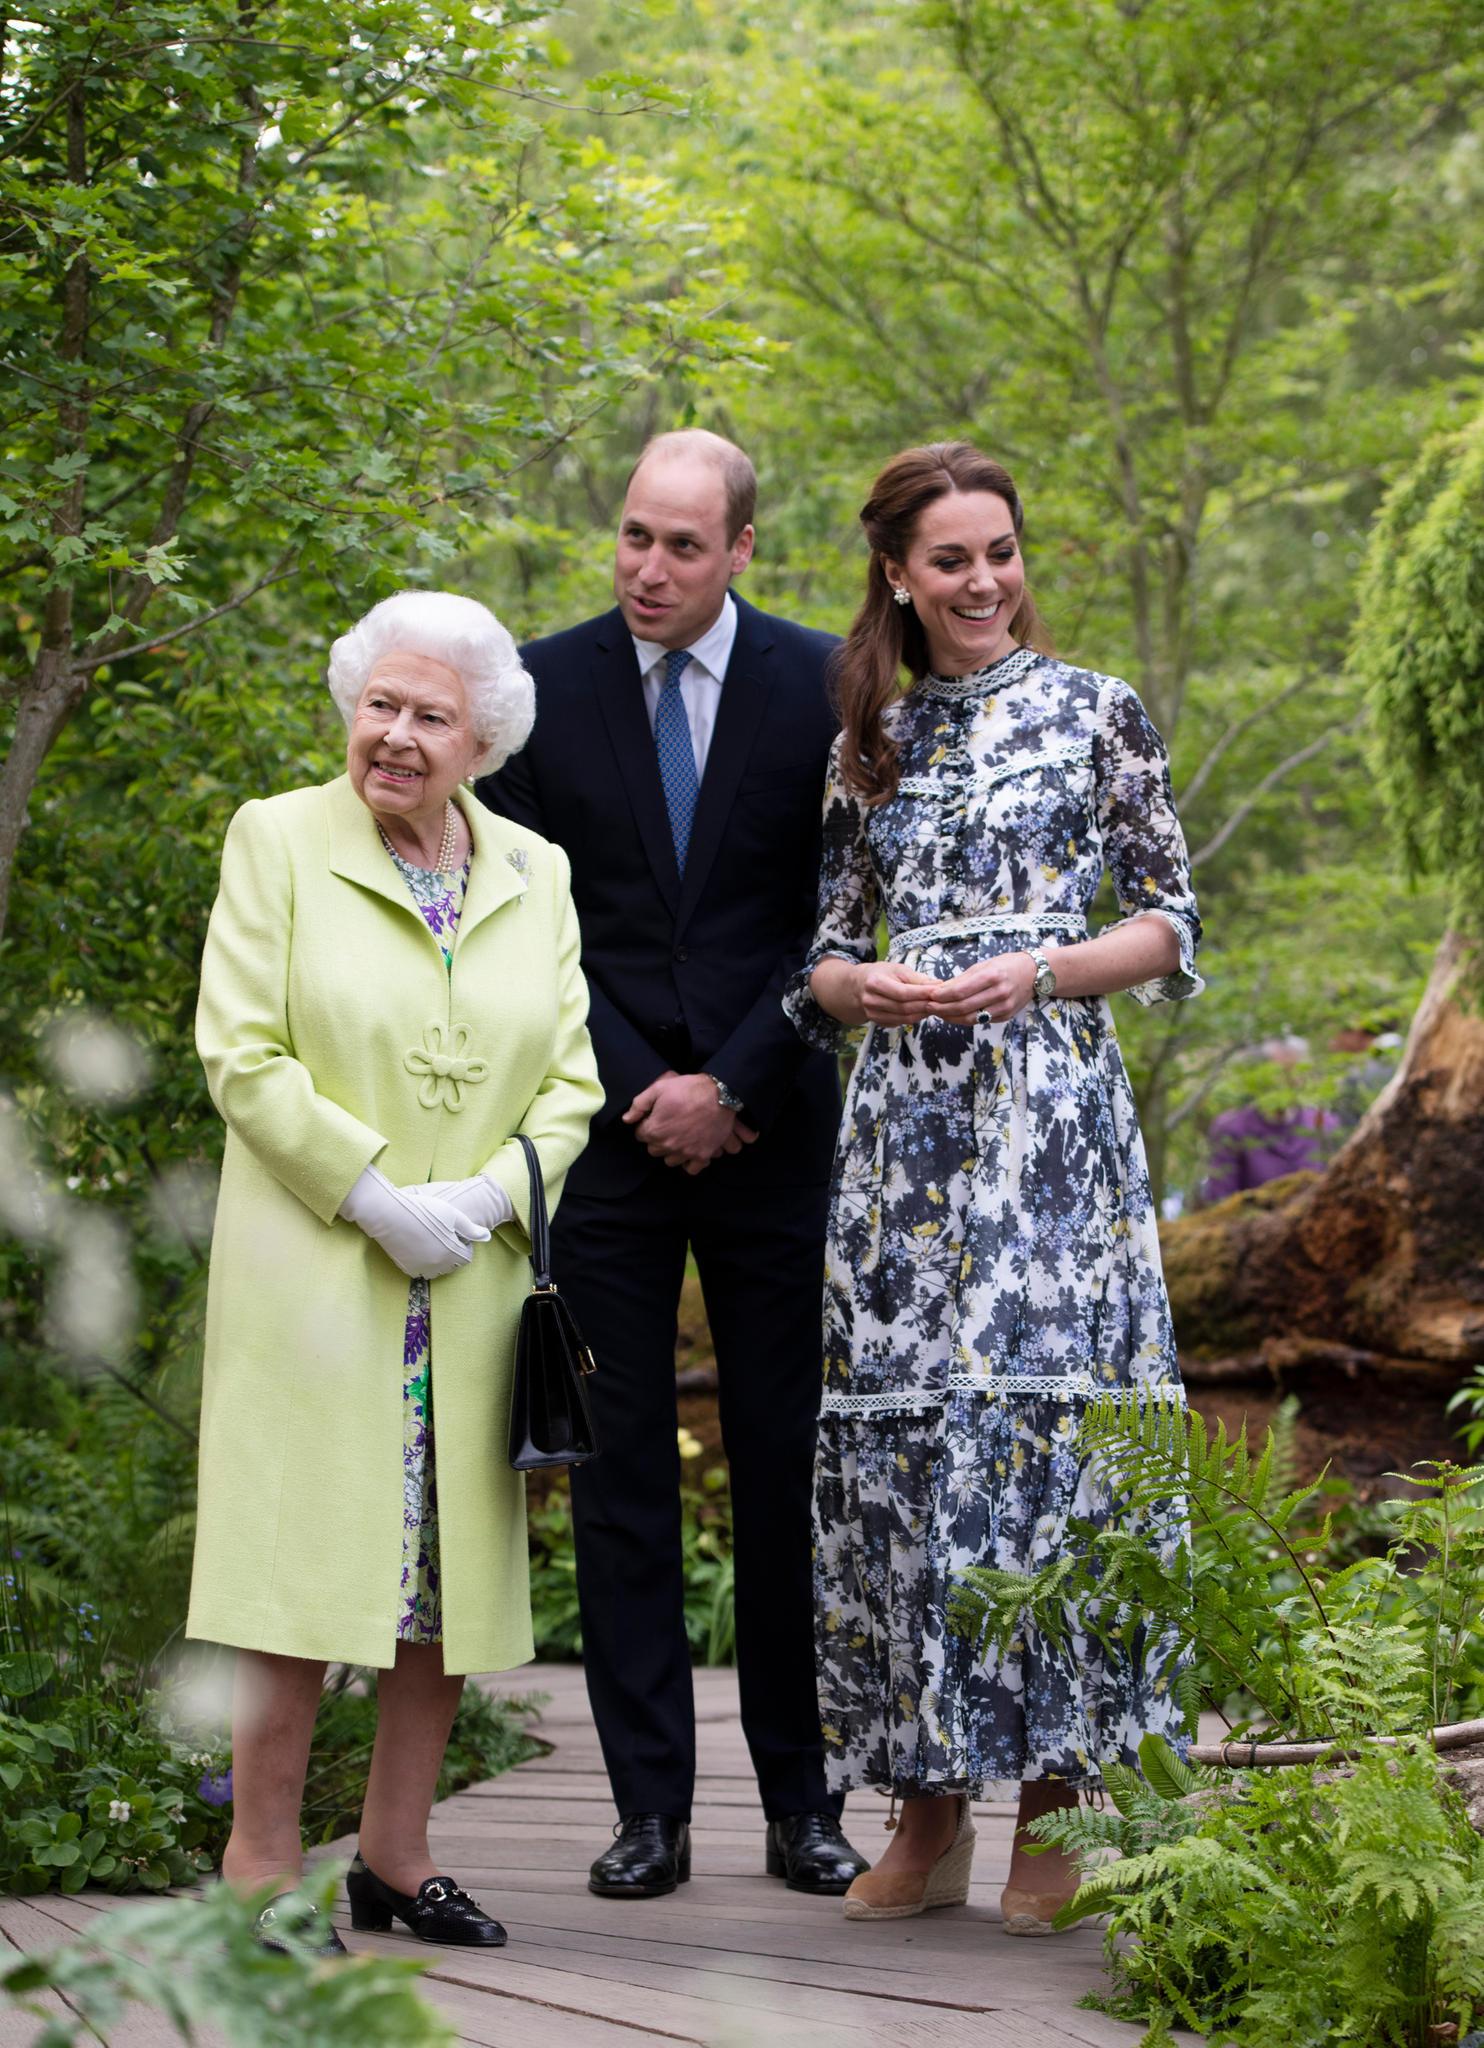 Herzogin Kate zeigte ihrer Schwiegergroßmutter Queen Elizabethden von ihr selbst gestalteten Garten.